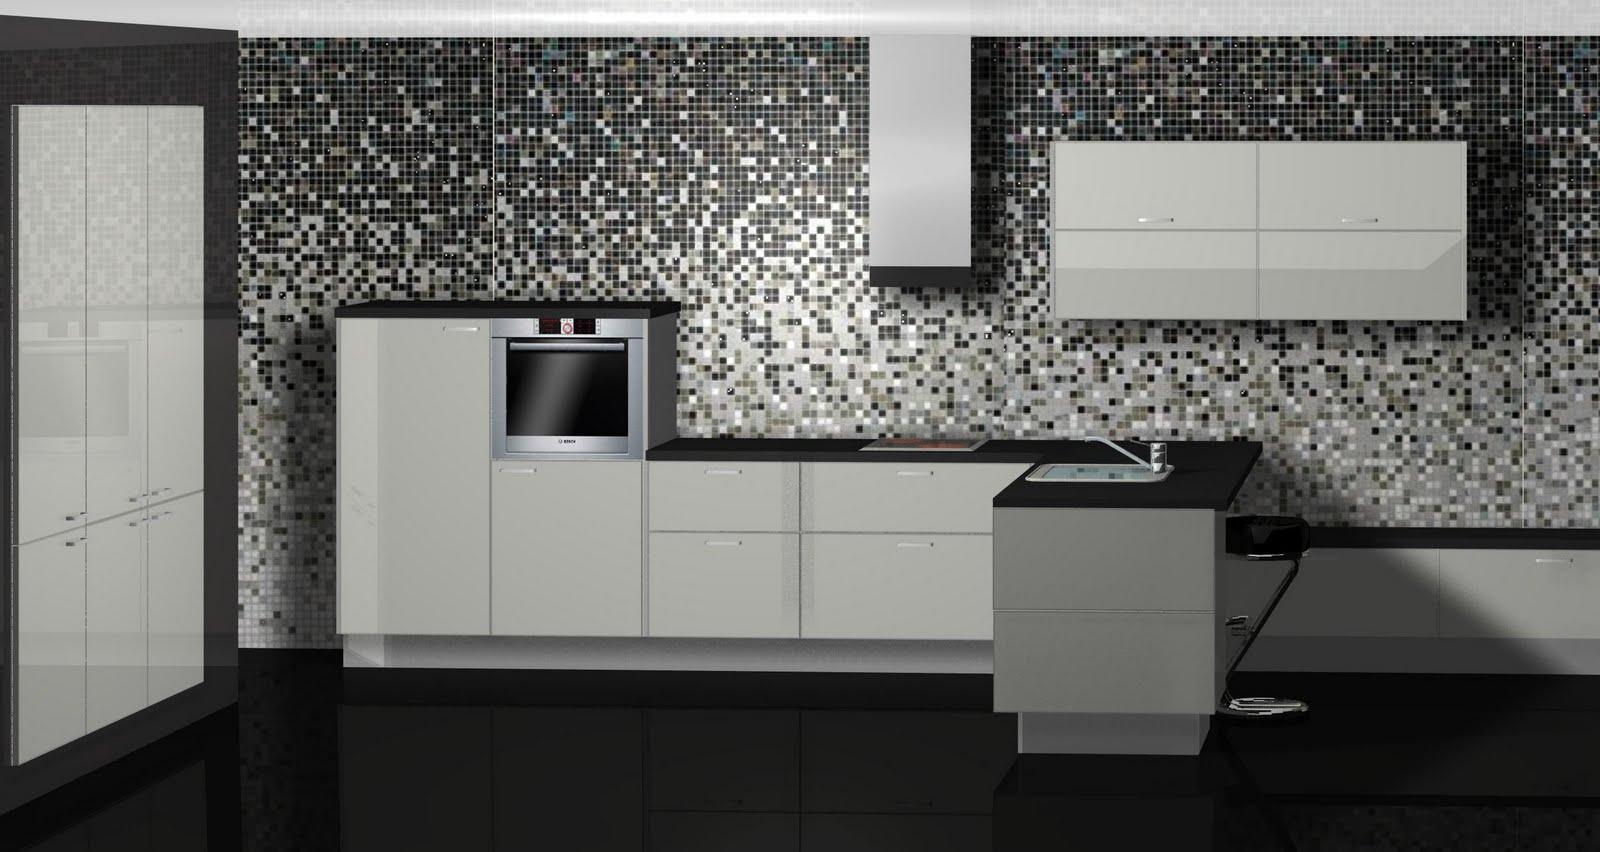 Dise o de cocina con azulejos pixelados for Disenos de azulejos para cocina